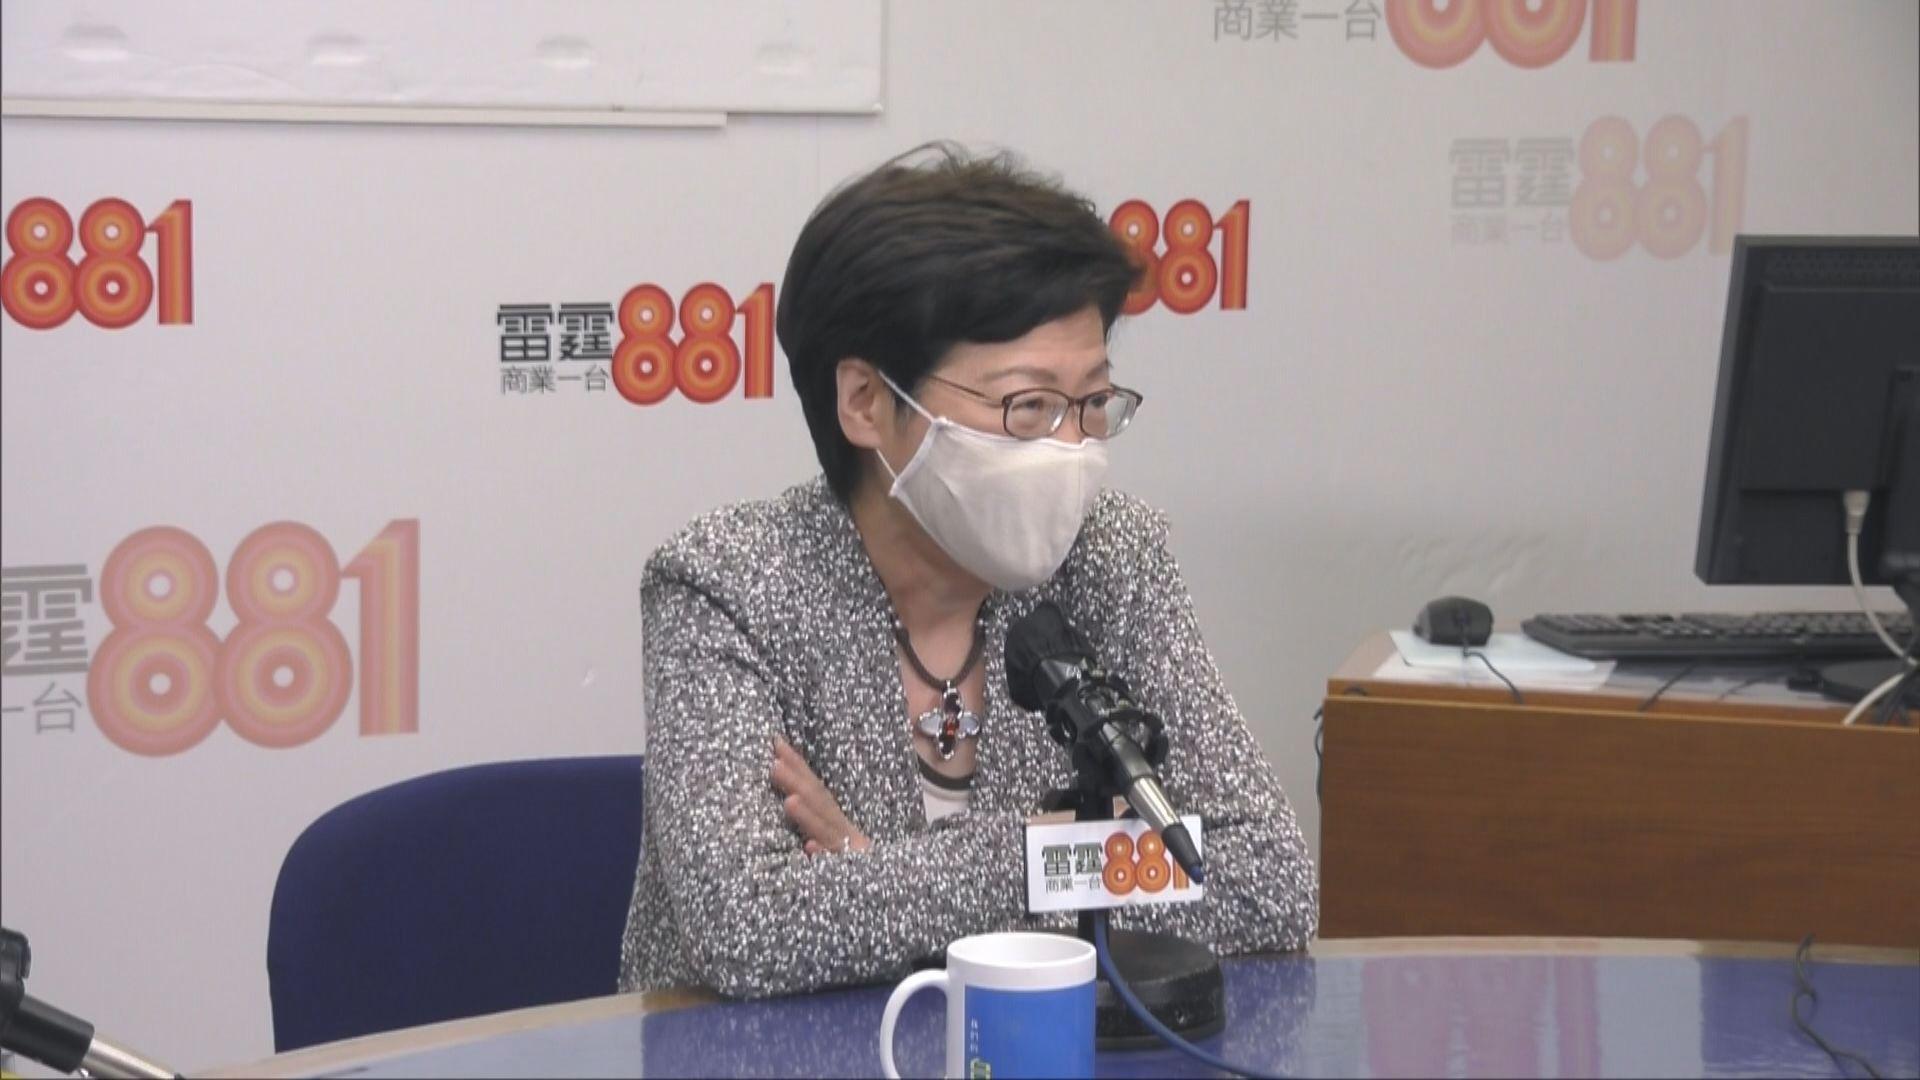 林鄭:李家超需統籌維護國安 不期望他處理扶貧、青年